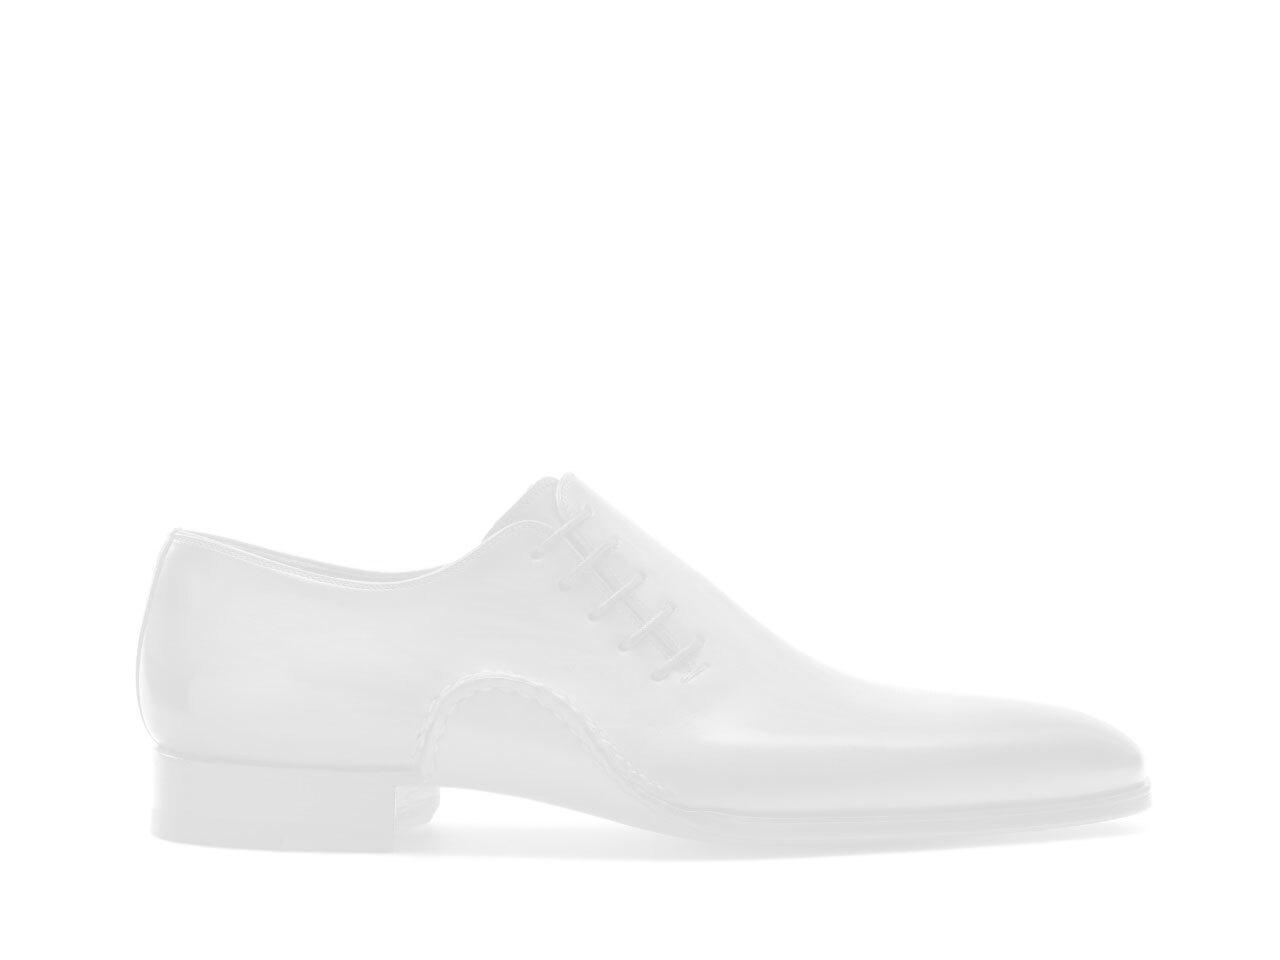 Pair of the Magnanni Utrera Lo Cognac Men's Sneakers